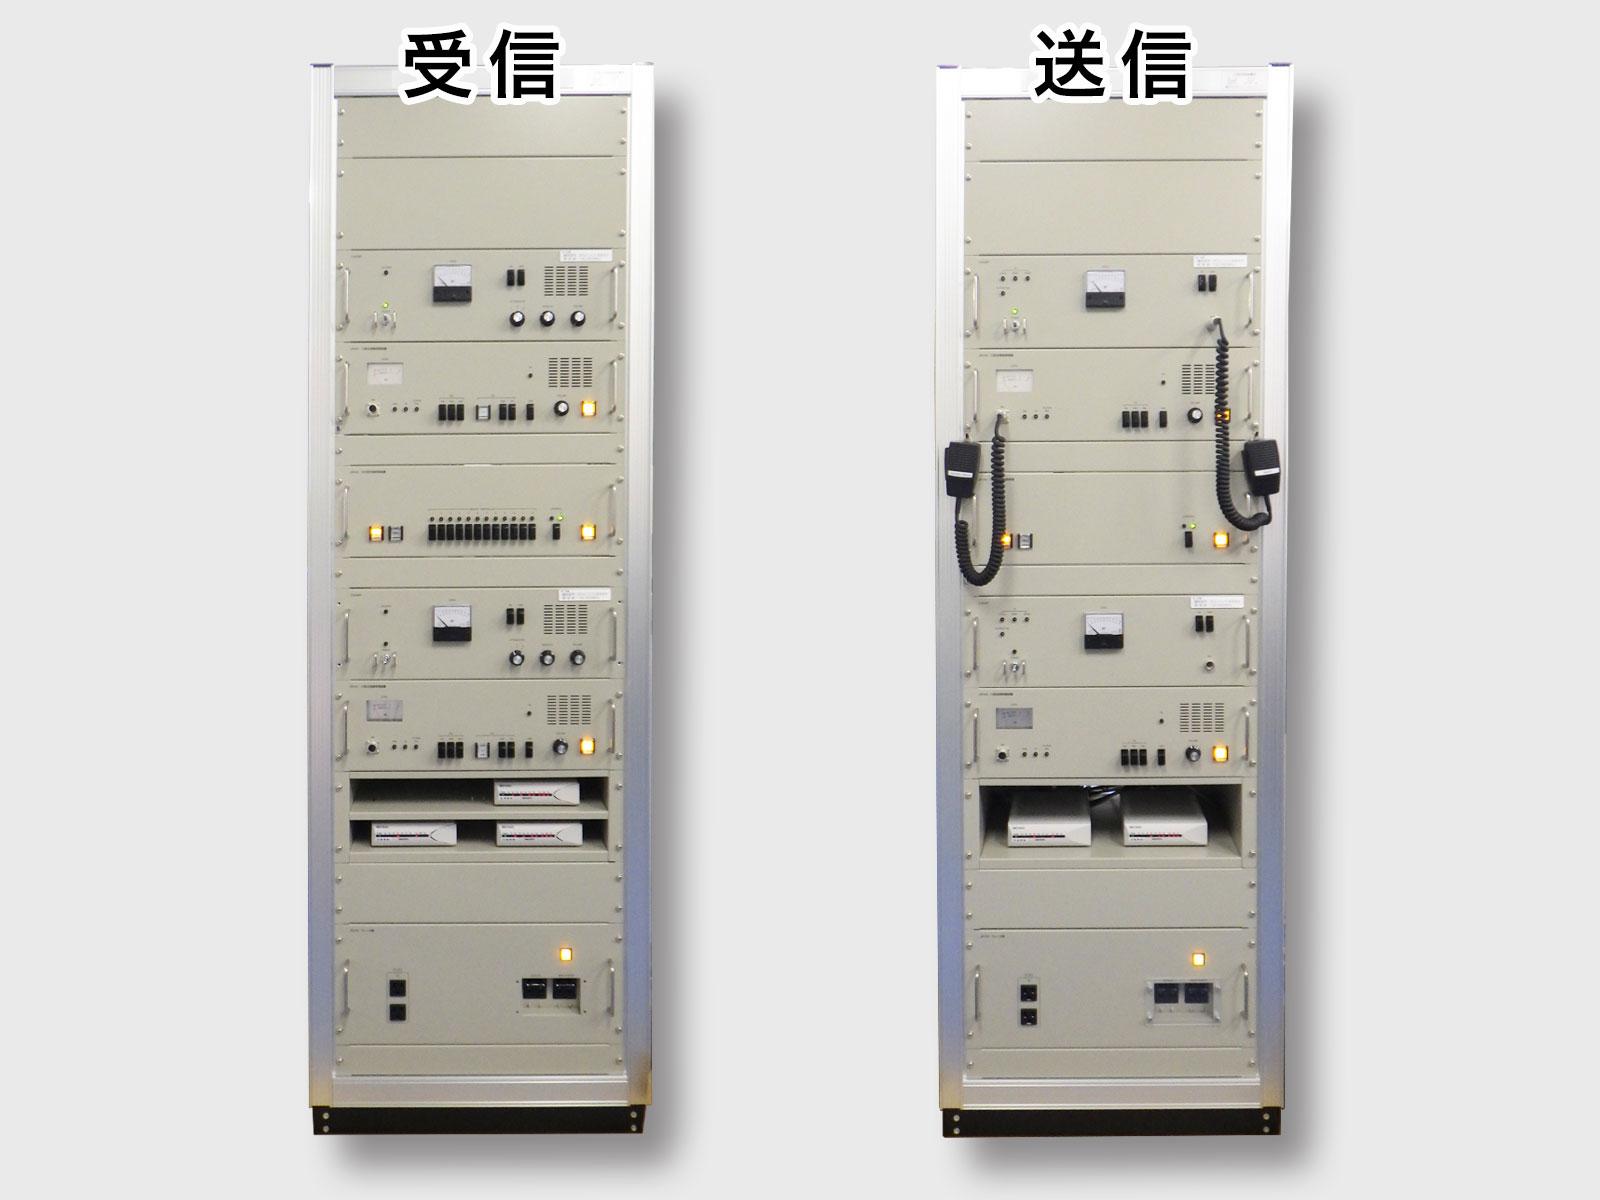 送受分離型 遠隔制御航空無線装置